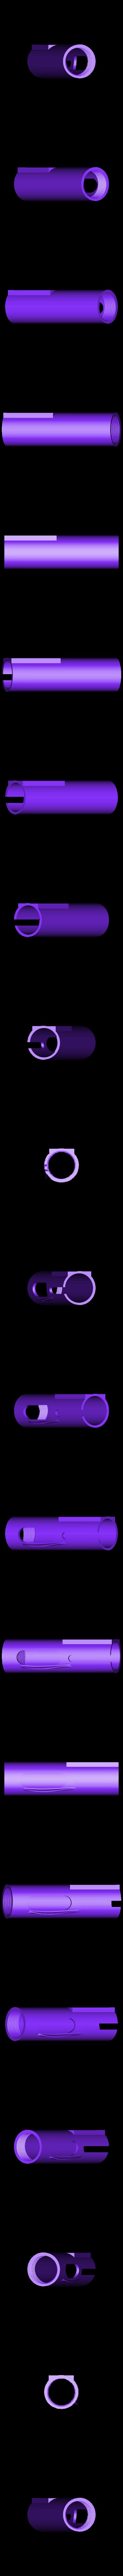 barrel_part1.stl Download STL file Storm Trooper Blastech SE-14R Blaster Prop • 3D print model, McClaryDesign